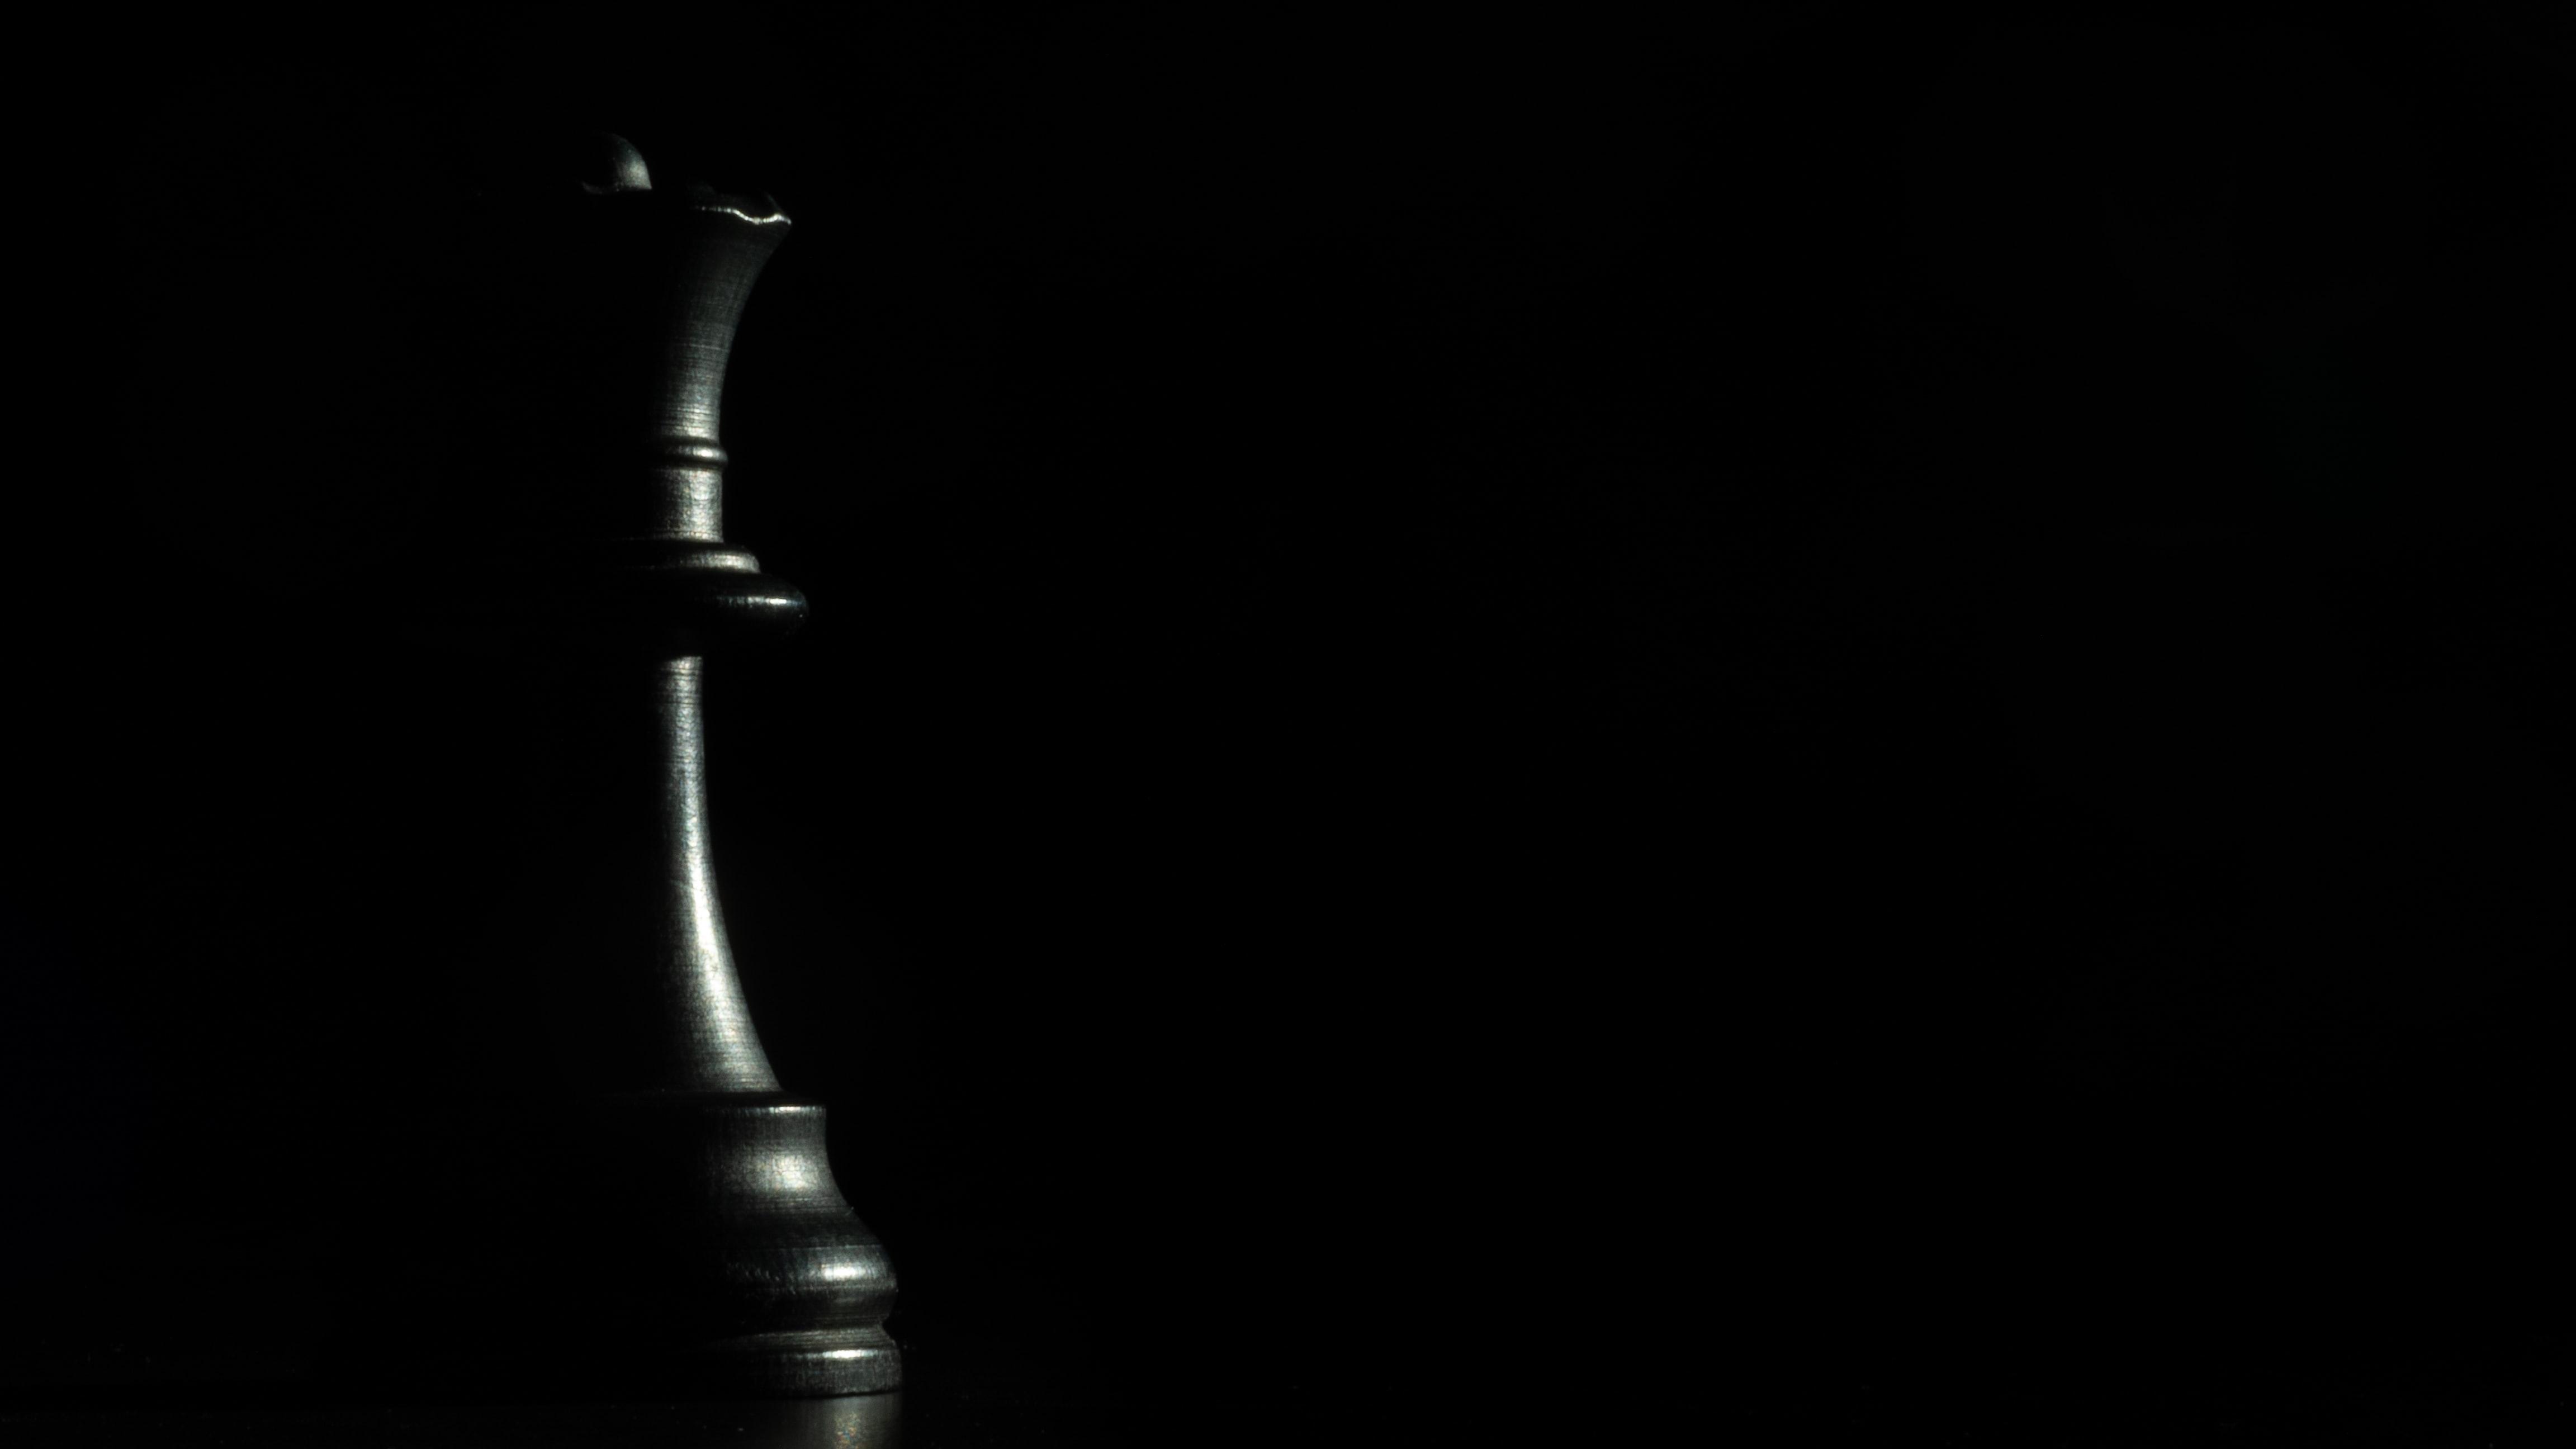 117006 скачать Черные обои на телефон бесплатно, Шахматы, Черный, Игры, Фигура, Игра, Королева Черные картинки и заставки на мобильный